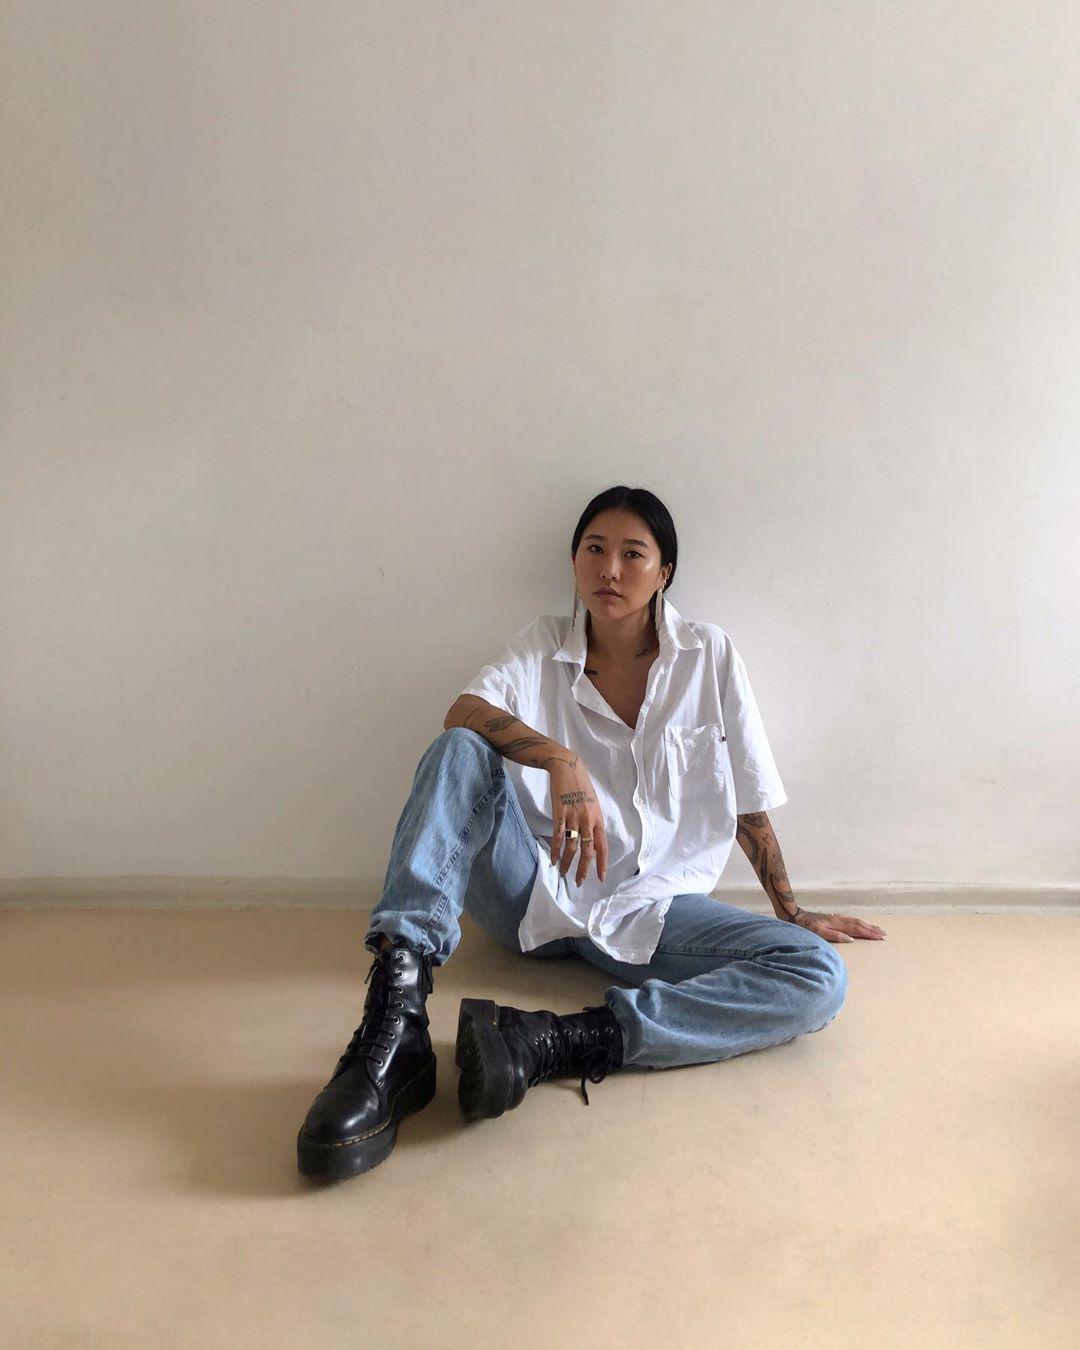 """Photo of Luciane Sakon ⠀⠀⠀⠀⠀⠀⠀ no Instagram: """"4 looks basiquinhos com 1 calça jeans 🤍 Queria usar o terceiro look hoje! E vocês, gostaram mais de qual? #stayhome #everydaystyle #ootd """""""